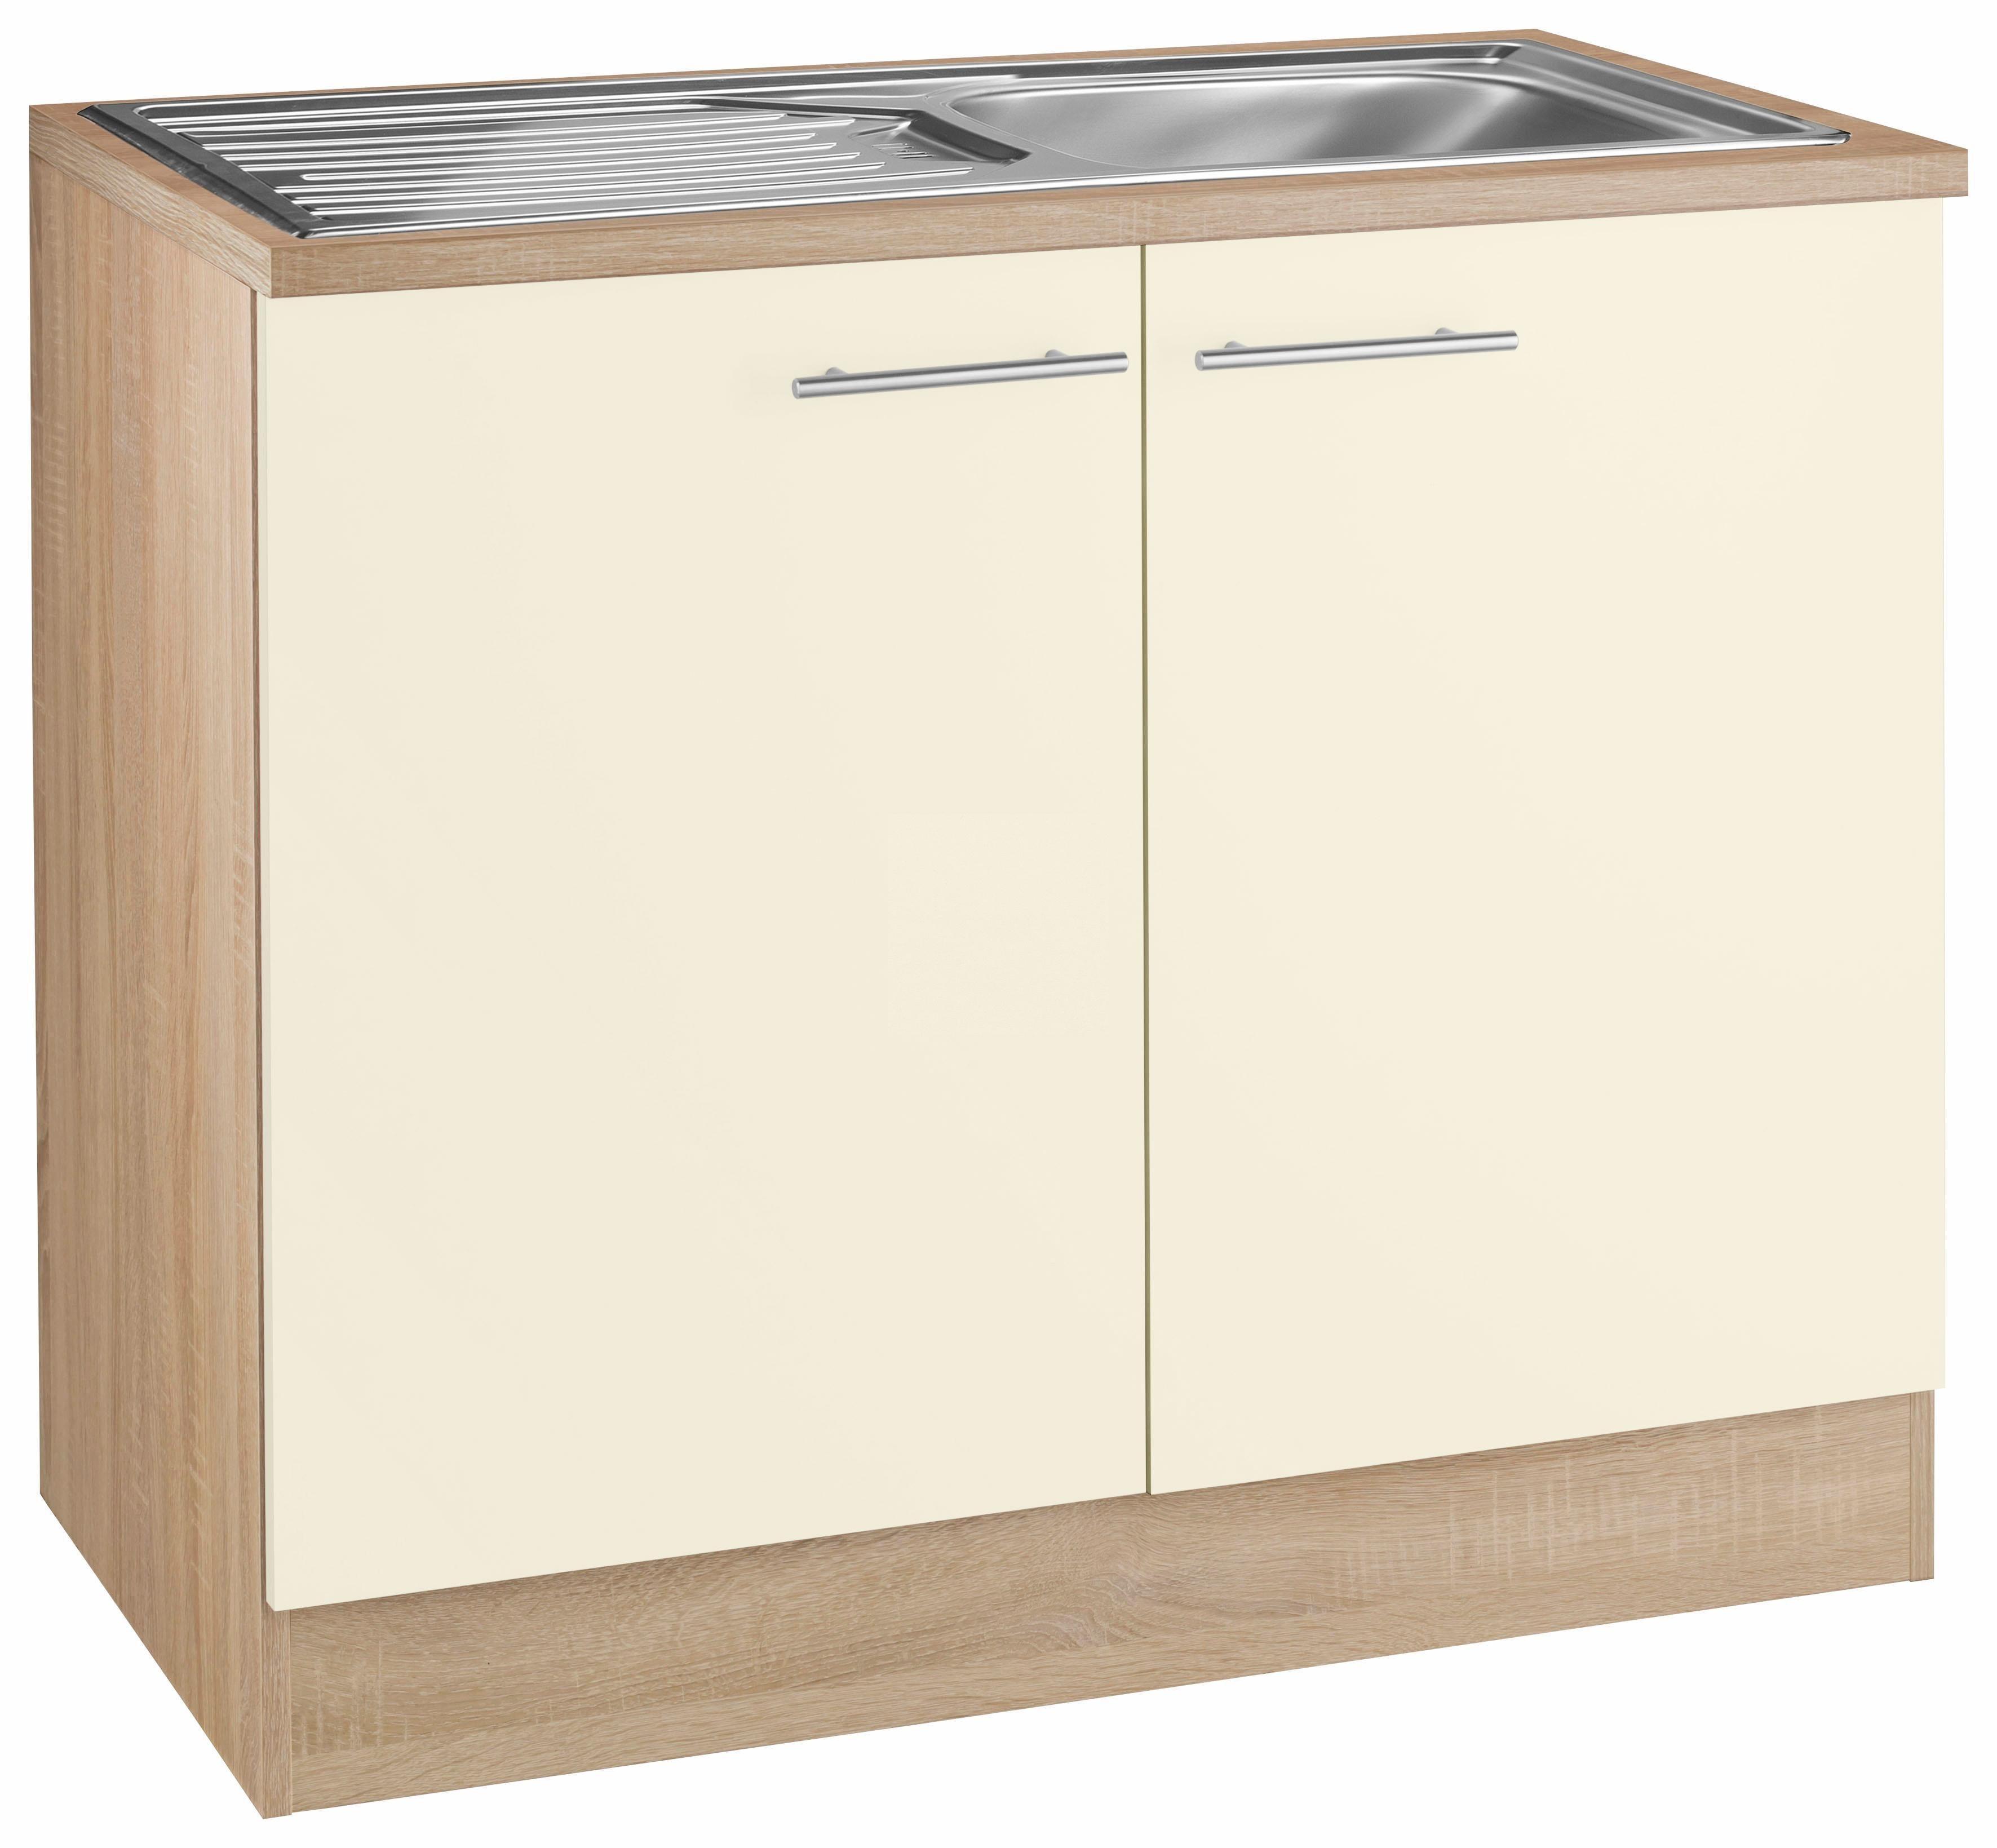 OPTIFIT Spülenschrank »Kalmar«, Breite 100 cm | Küche und Esszimmer > Küchenschränke > Spülenschränke | Hell - Matt - Glanz | Eiche - Edelstahl - Melamin | OPTIFIT